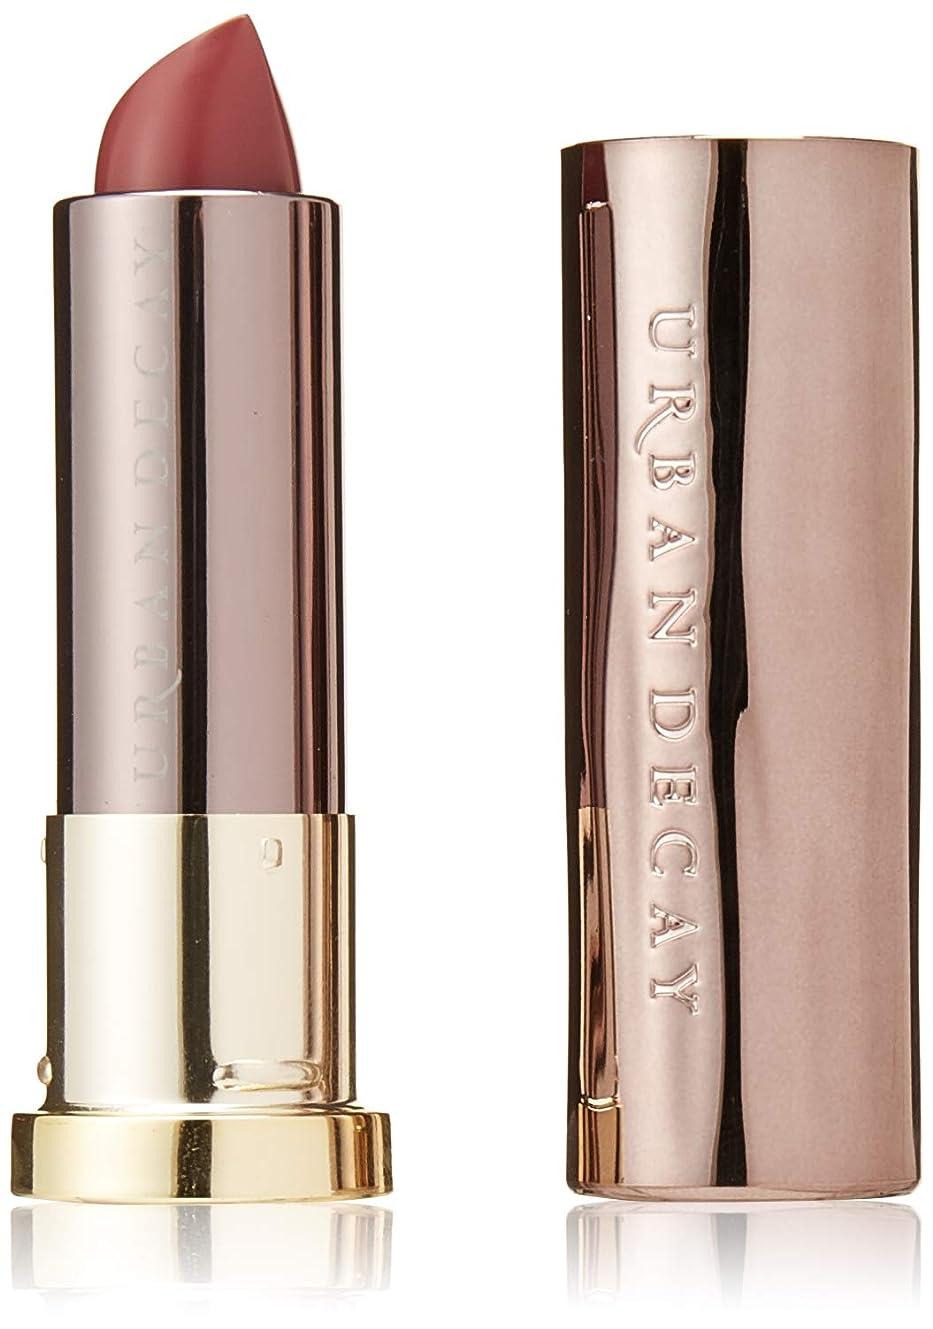 する必要があるがっかりした入手しますアーバンディケイ Vice Lipstick - # Crisis (Cream) 3.4g/0.11oz並行輸入品